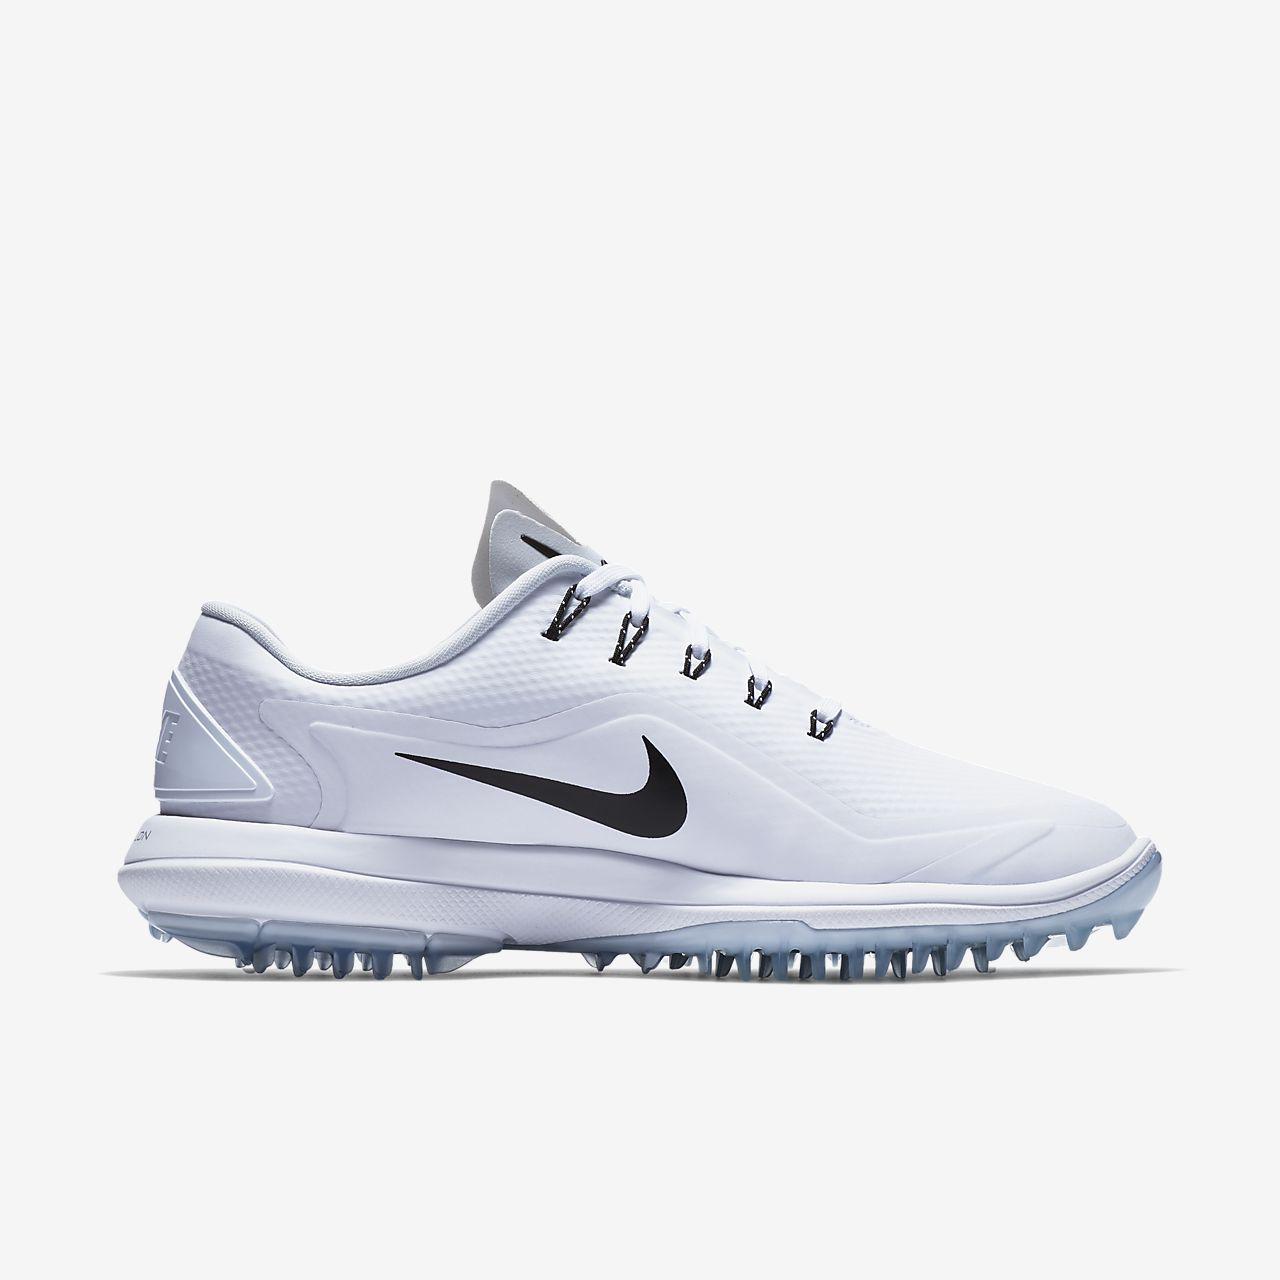 3150f8b8a2df Nike Lunar Control Vapor 2 Women s Golf Shoe. Nike.com GB